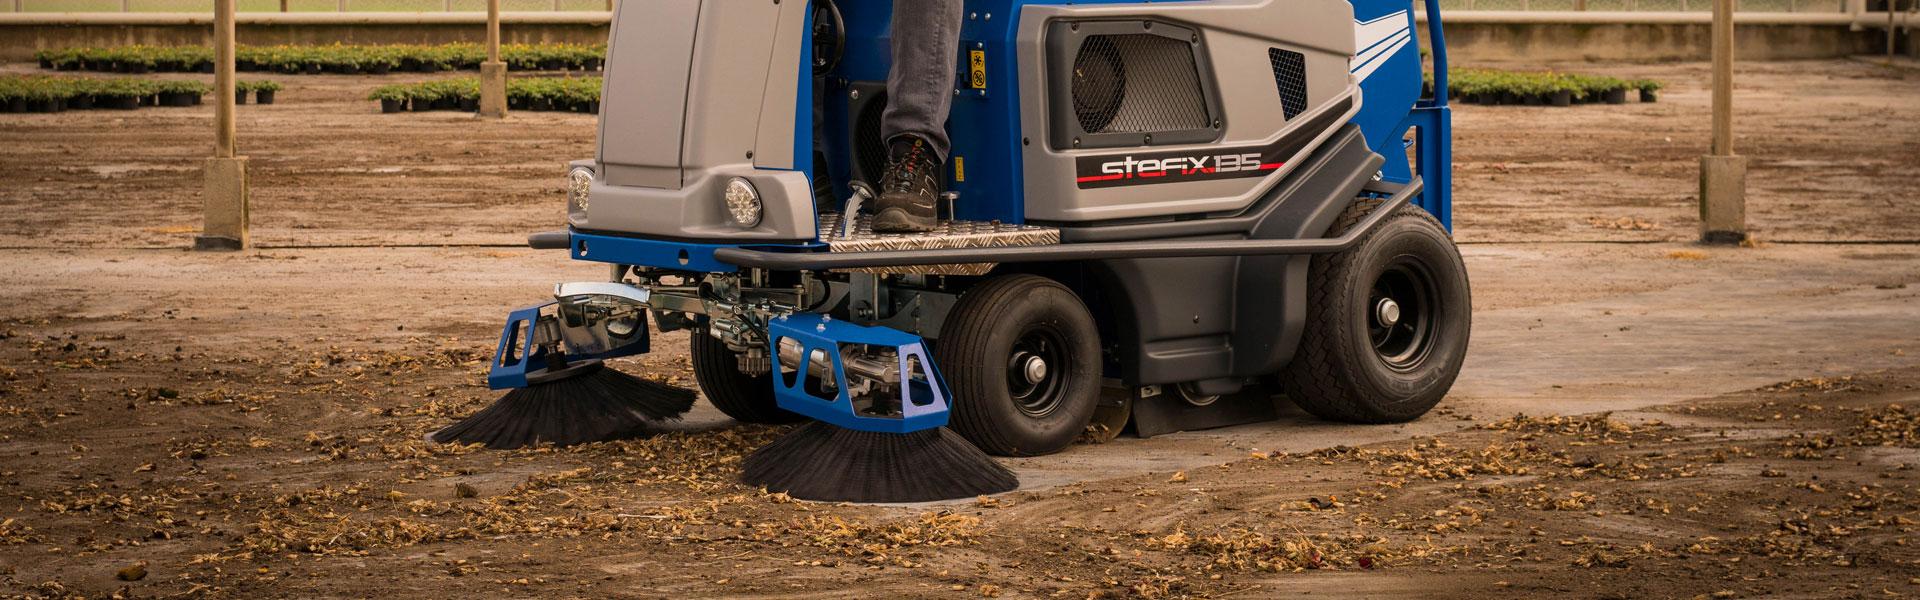 6 tips voor goede hygiëne in glastuinbouw | Steenks Service